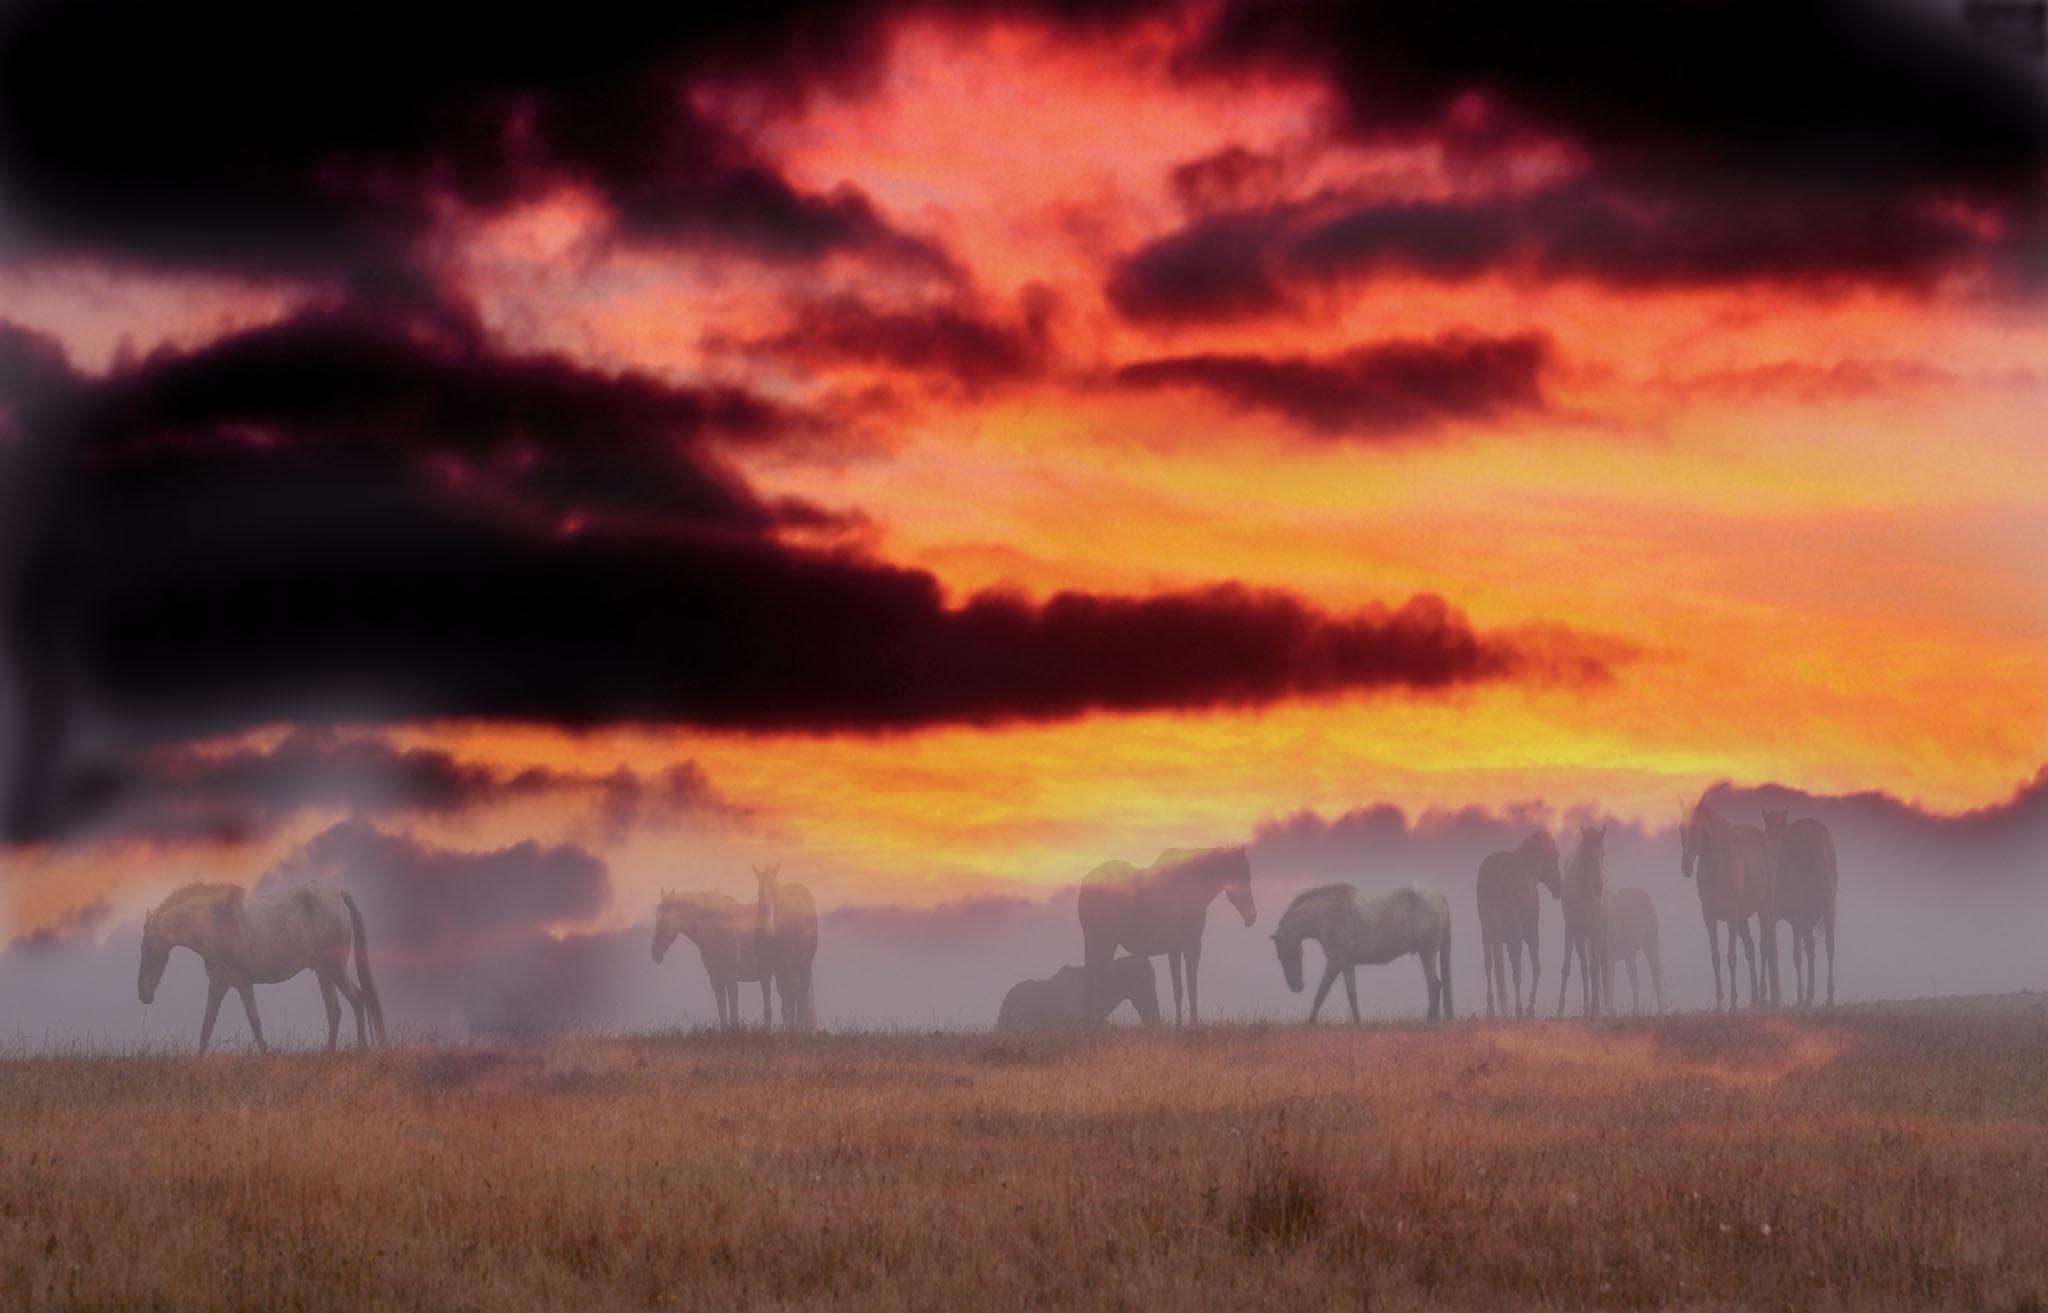 Landscape,horses in sunset, bodega bay horses